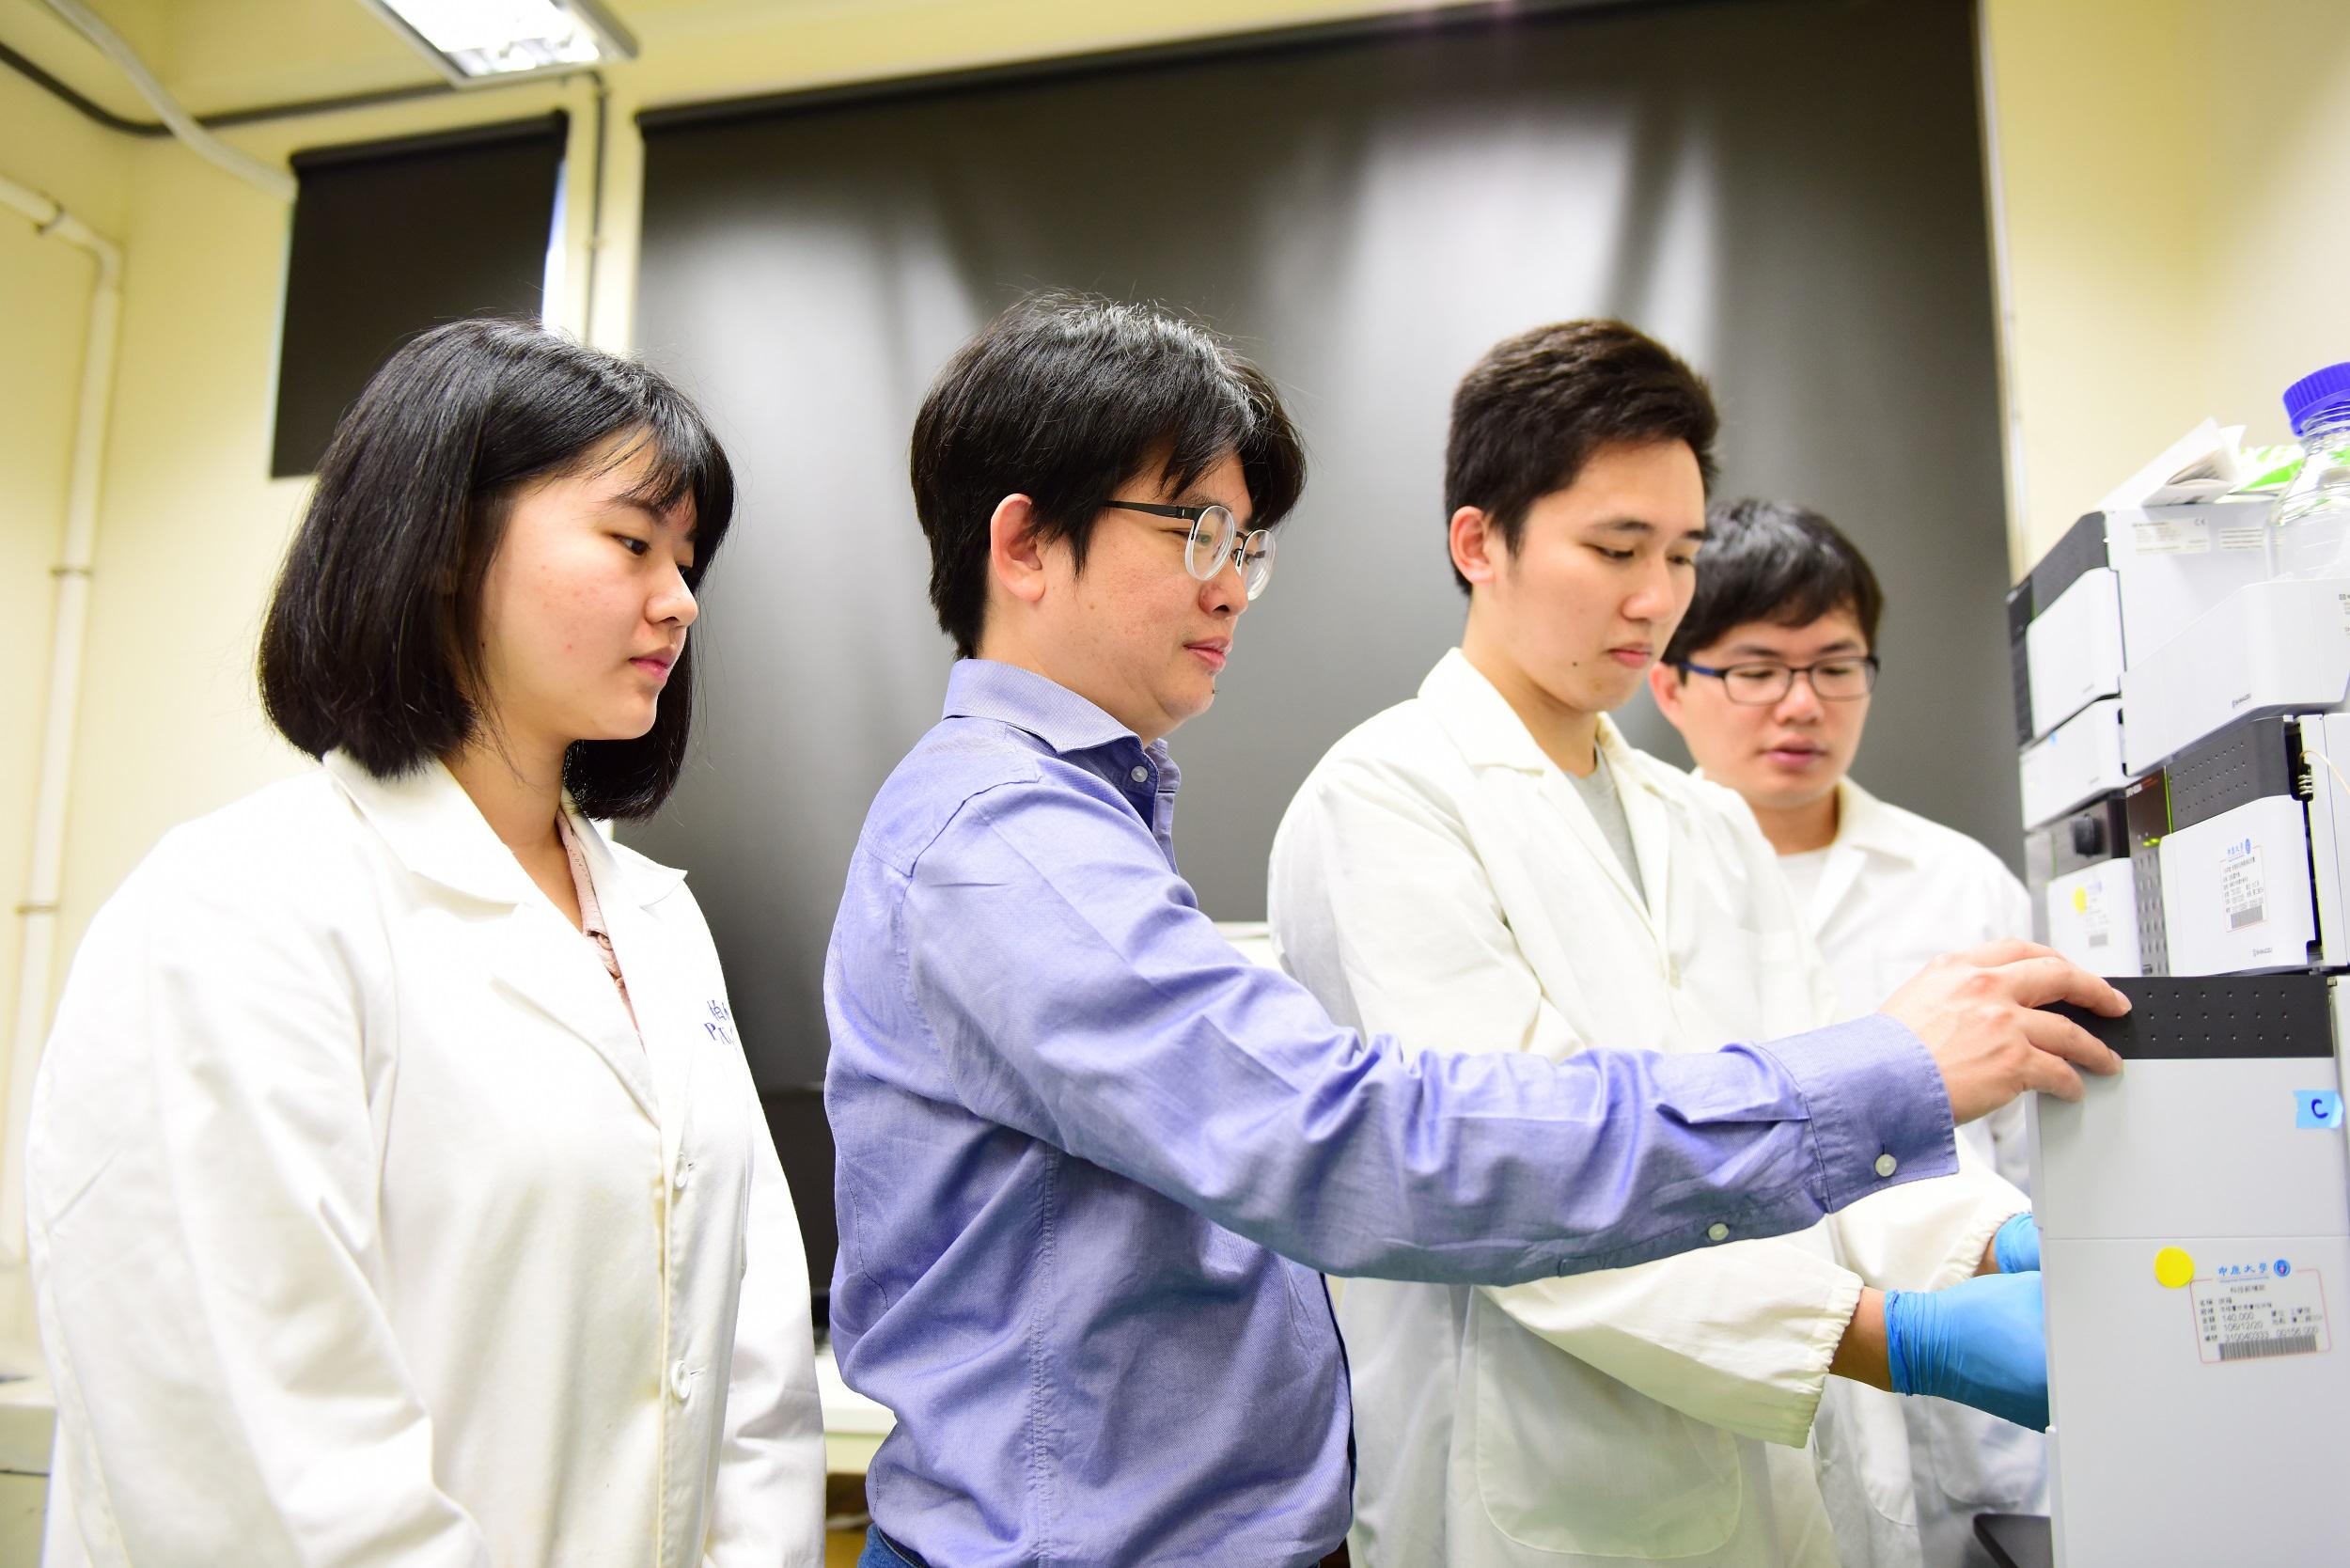 通稿照片-中原大學化工系教授張雍,以獨步全球的「血液淨化科技」研發成果,獲頒2017「傑出亞洲研究員和工程師獎」.jpg